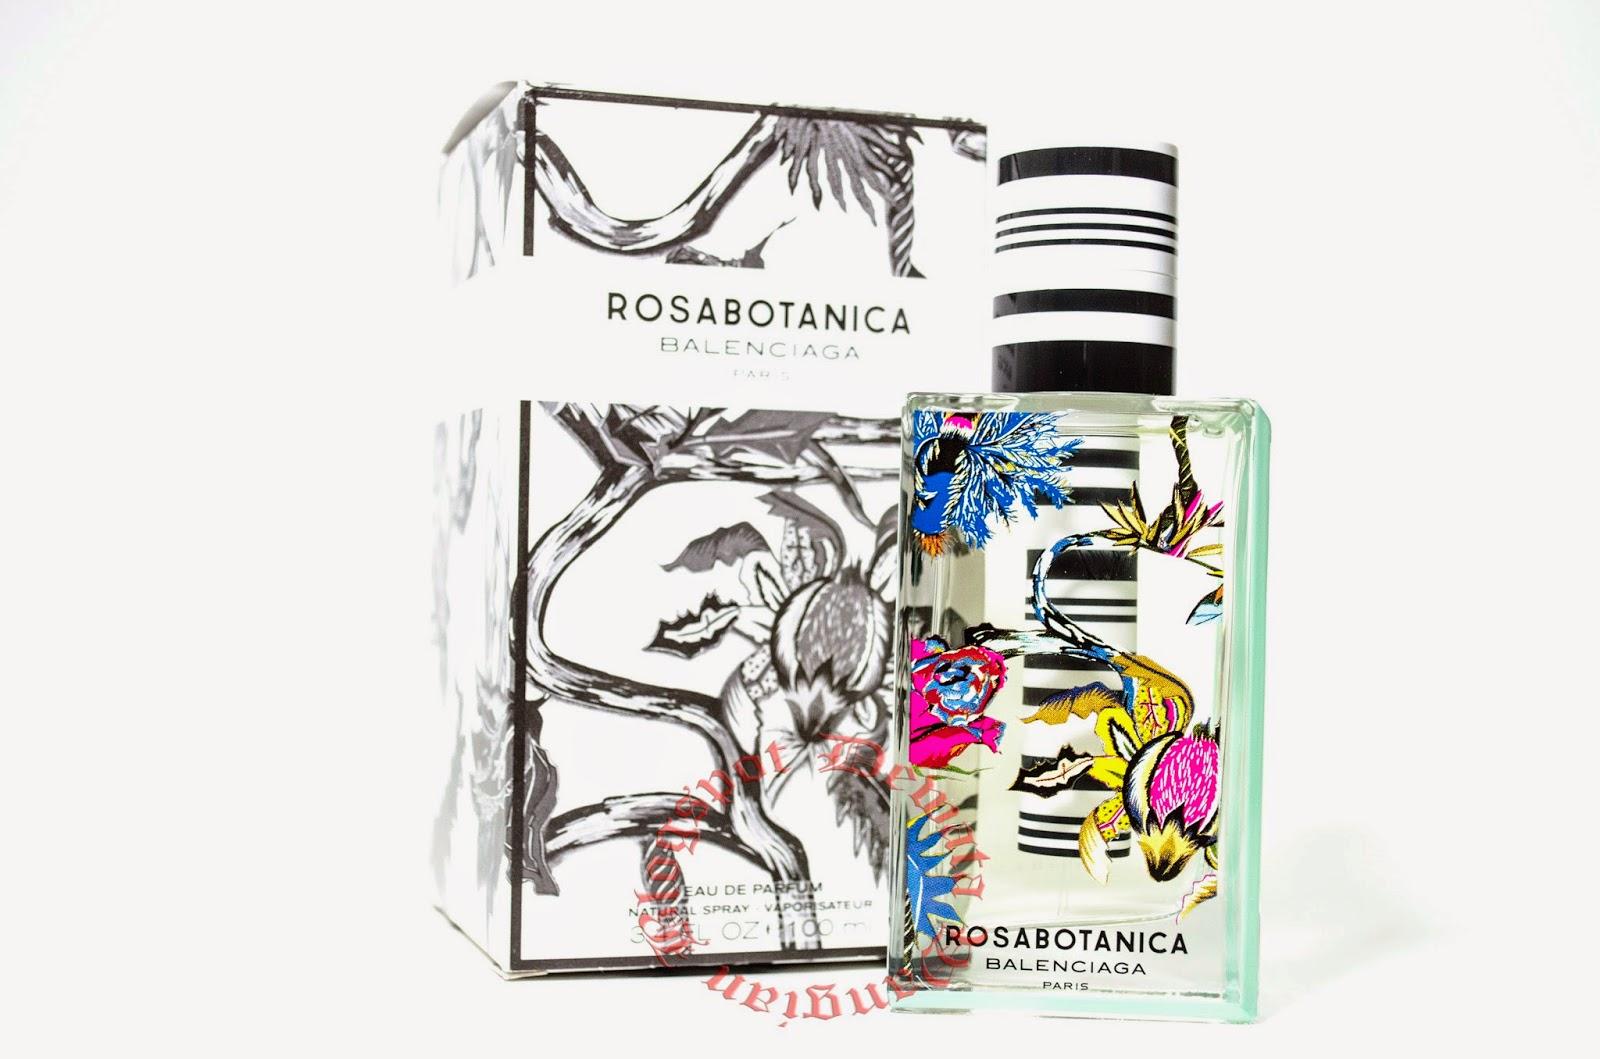 Balenciaga Rosabotanica Tester Perfume